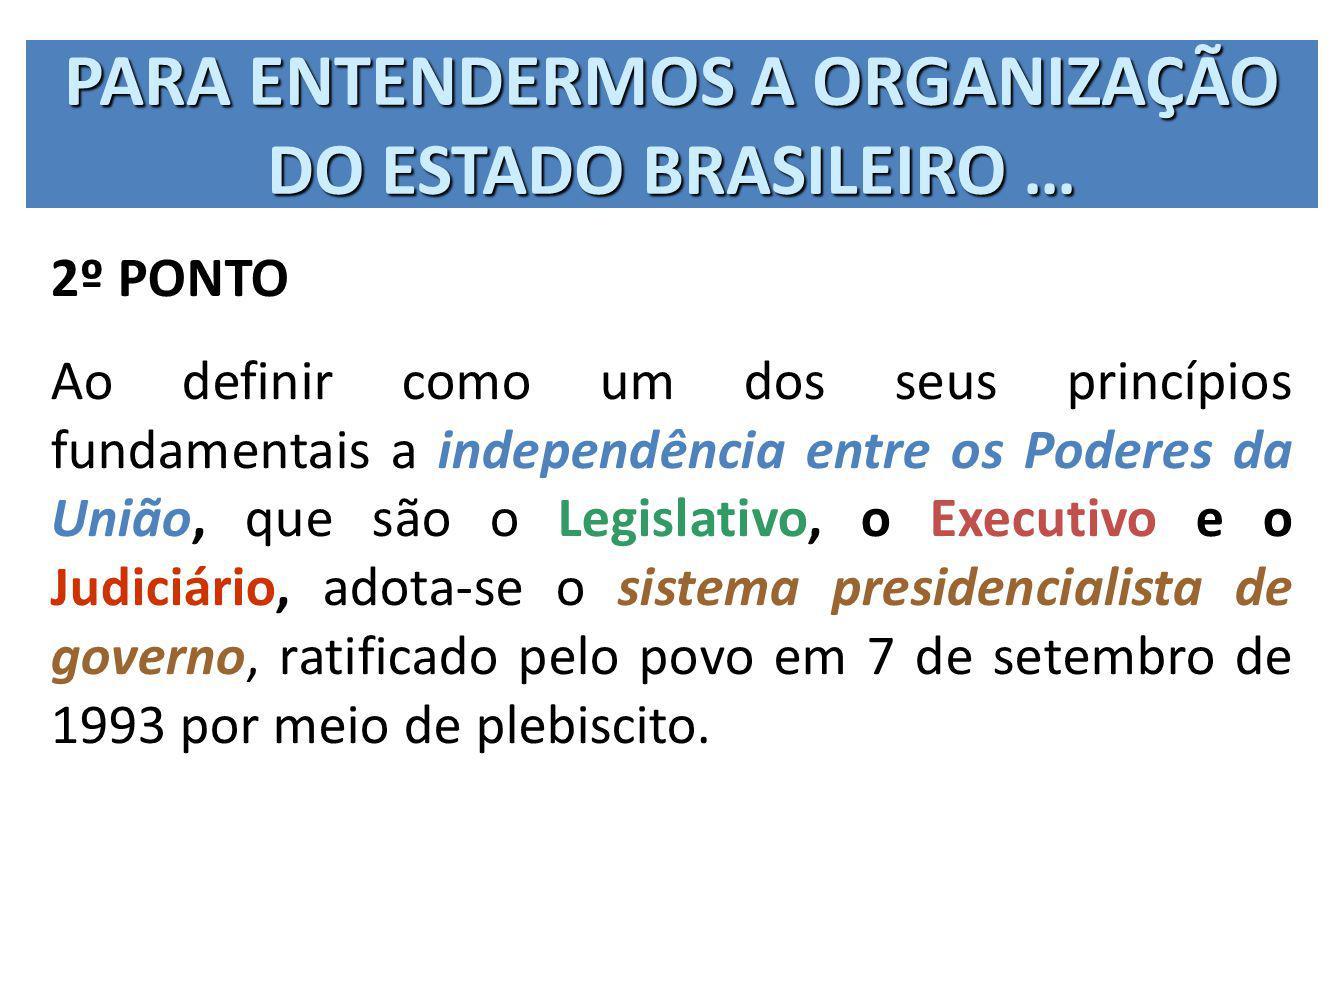 PARA ENTENDERMOS A ORGANIZAÇÃO DO ESTADO BRASILEIRO … 2º PONTO Ao definir como um dos seus princípios fundamentais a independência entre os Poderes da